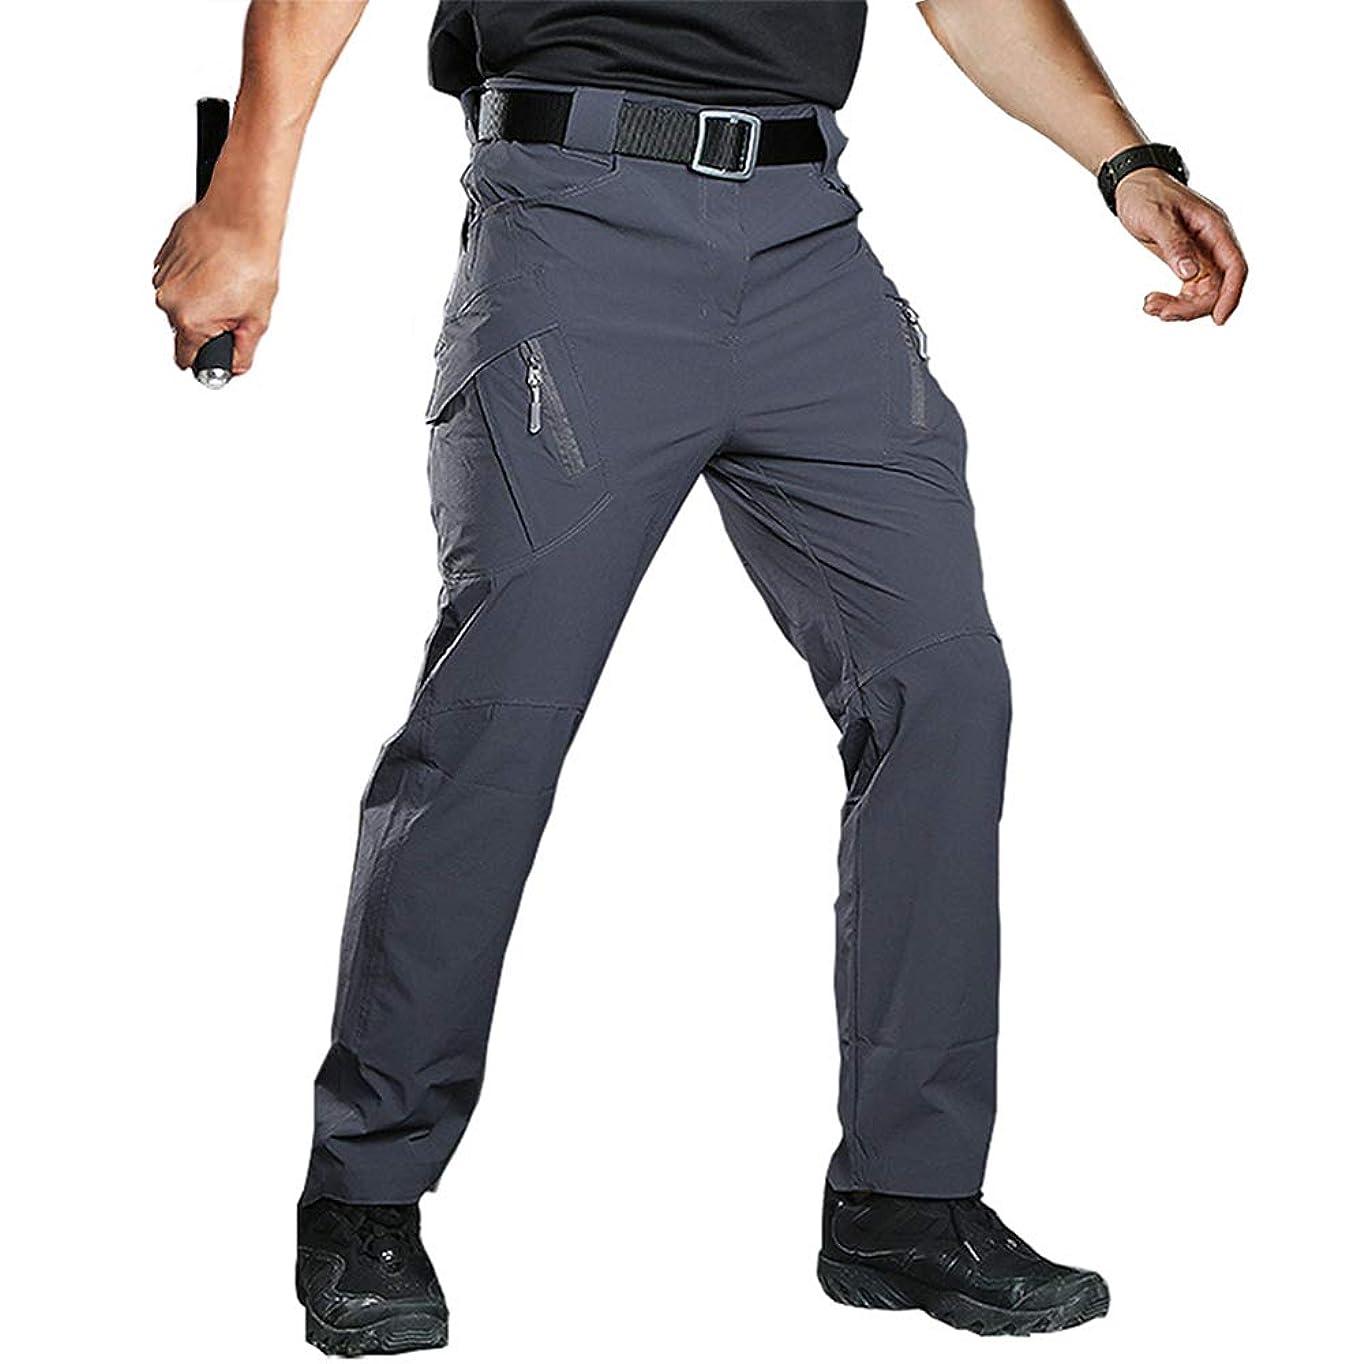 話をする見ましたインクMenargo 作業着 ズボン 夏用 速乾 カーゴパンツ メンズ タクティカルパンツ ストレッチ サバゲー ワークパンツ ドライ 撥水